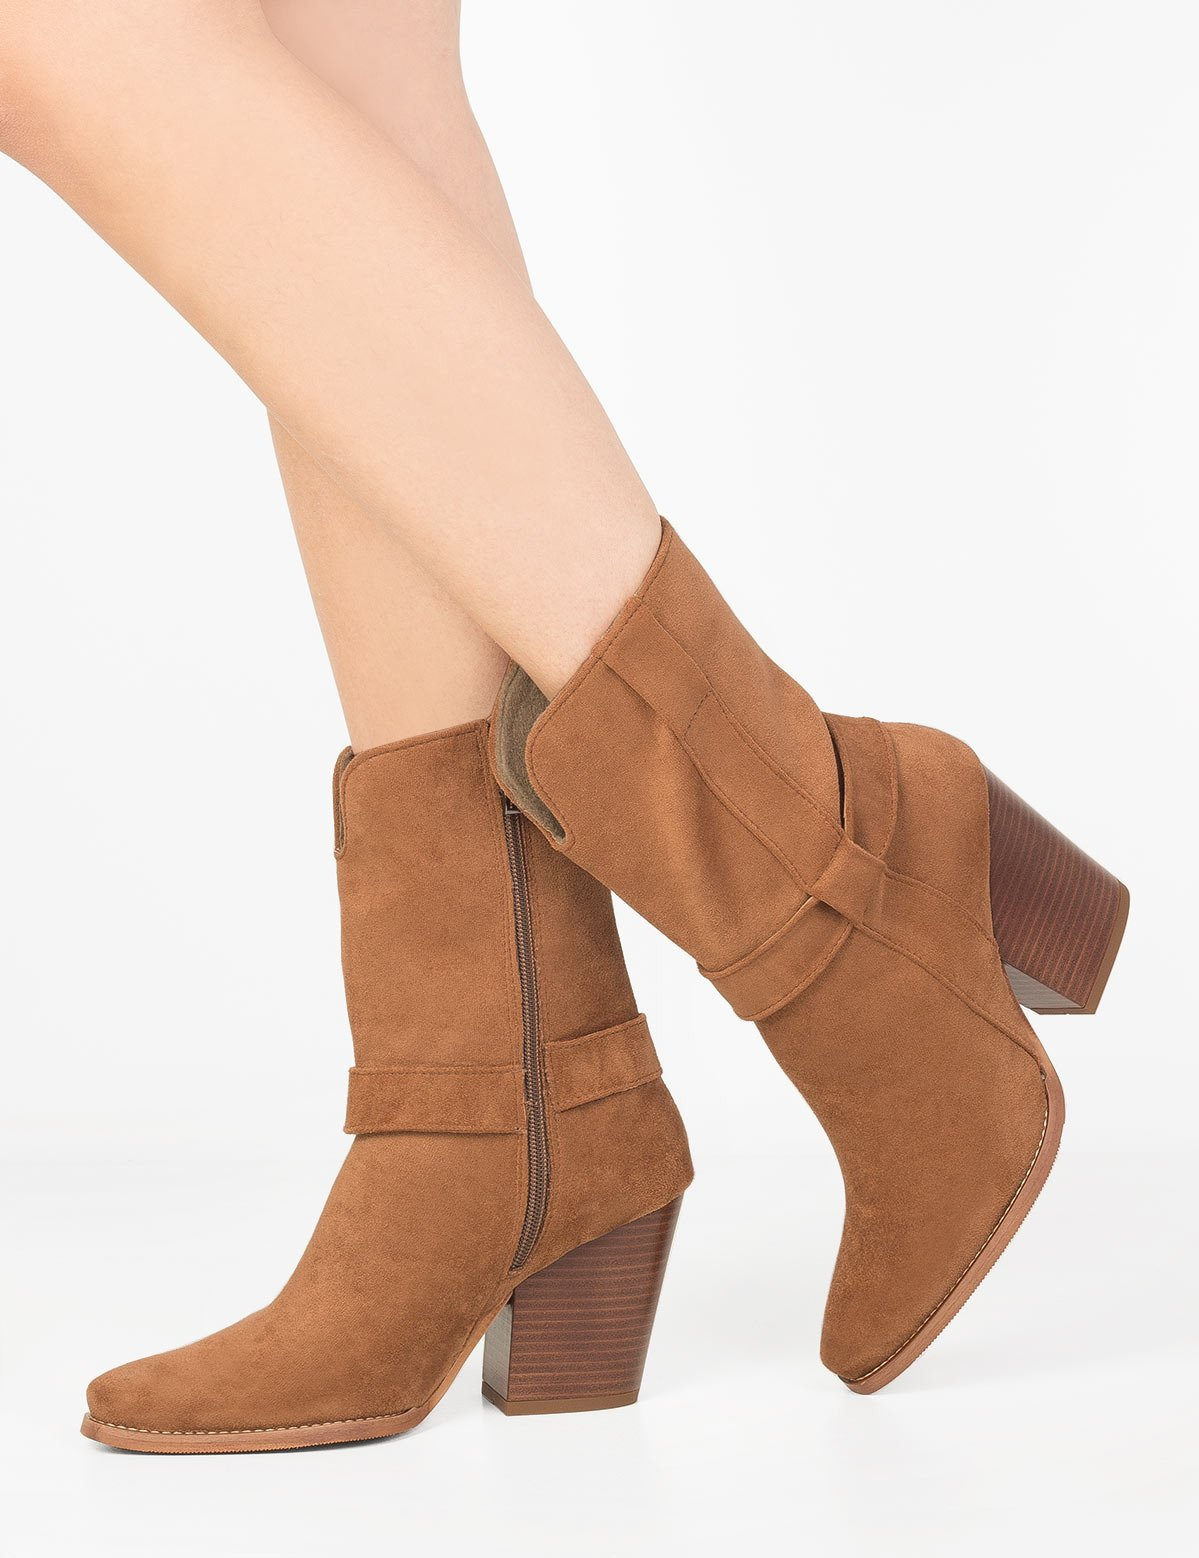 buty damskie z wysoka cholewka zamszowe